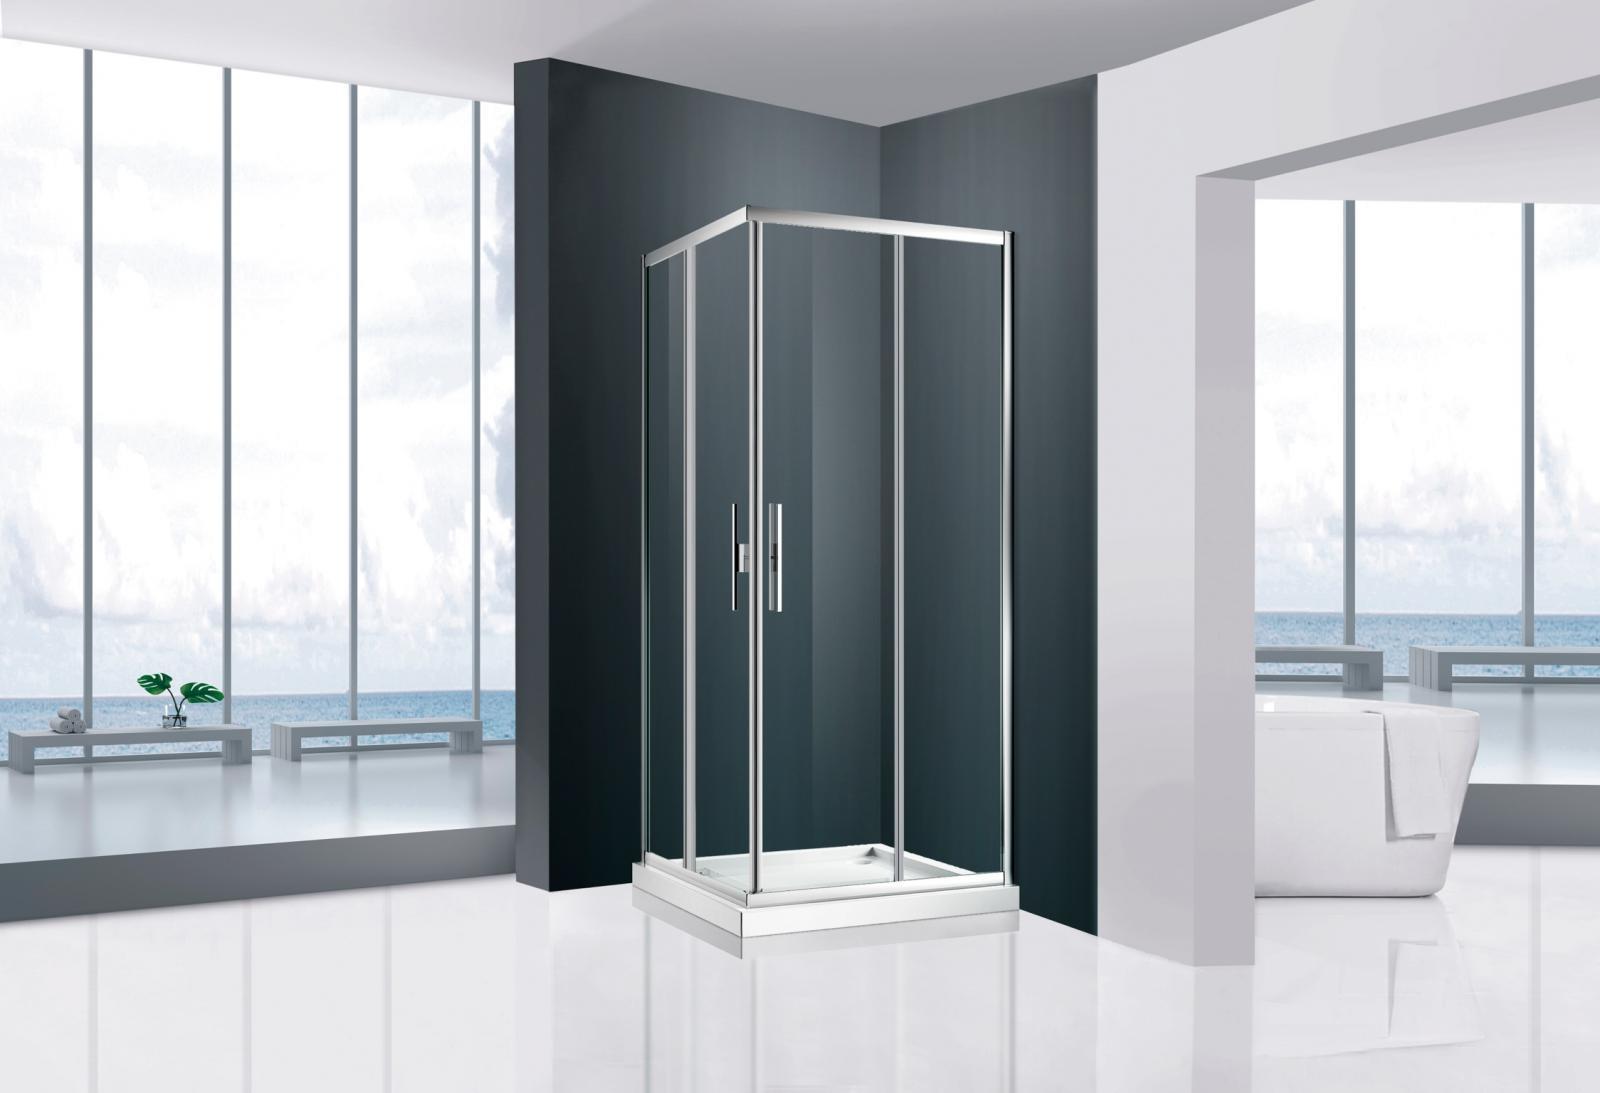 Mampara ducha, VTB 2+2, angular corredera, calidad a un precio muy económico